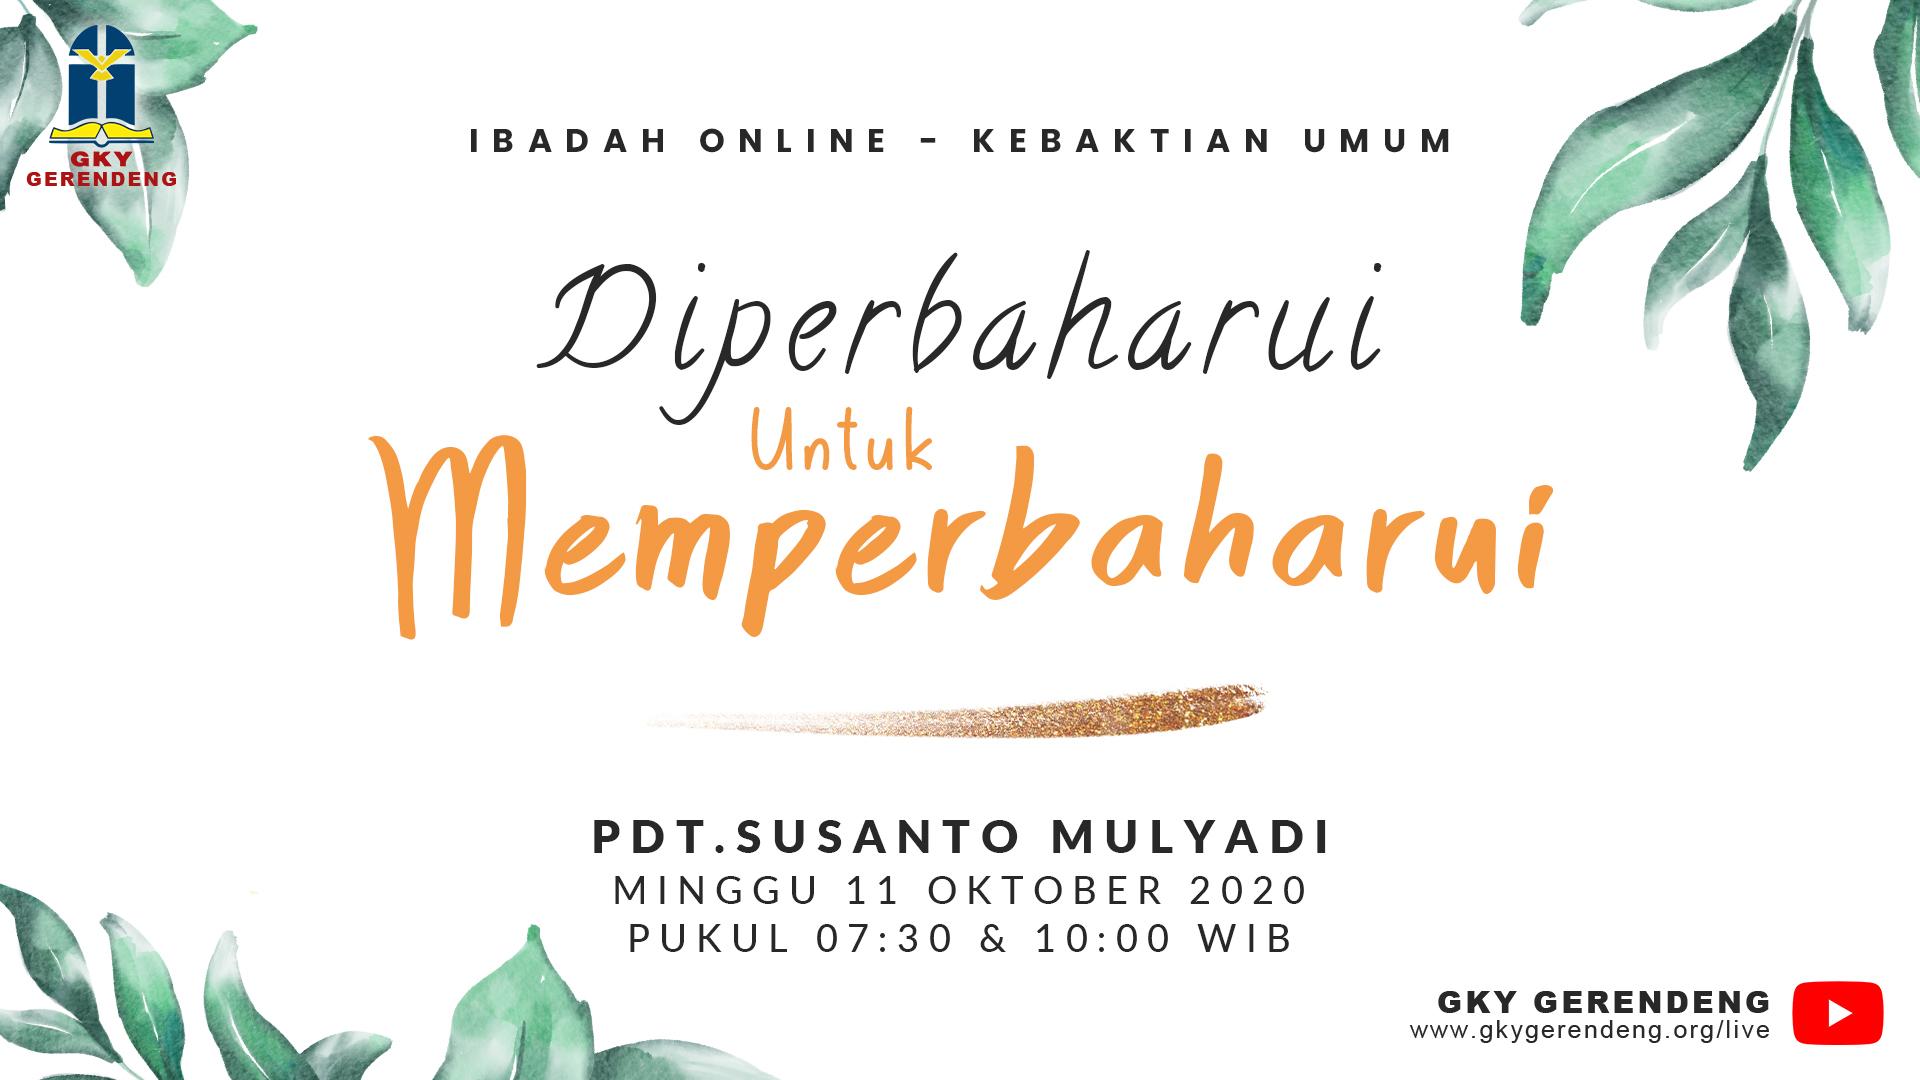 Ibadah Online Kebaktian Umum 11 Oktober 2020 GKY Gerendeng